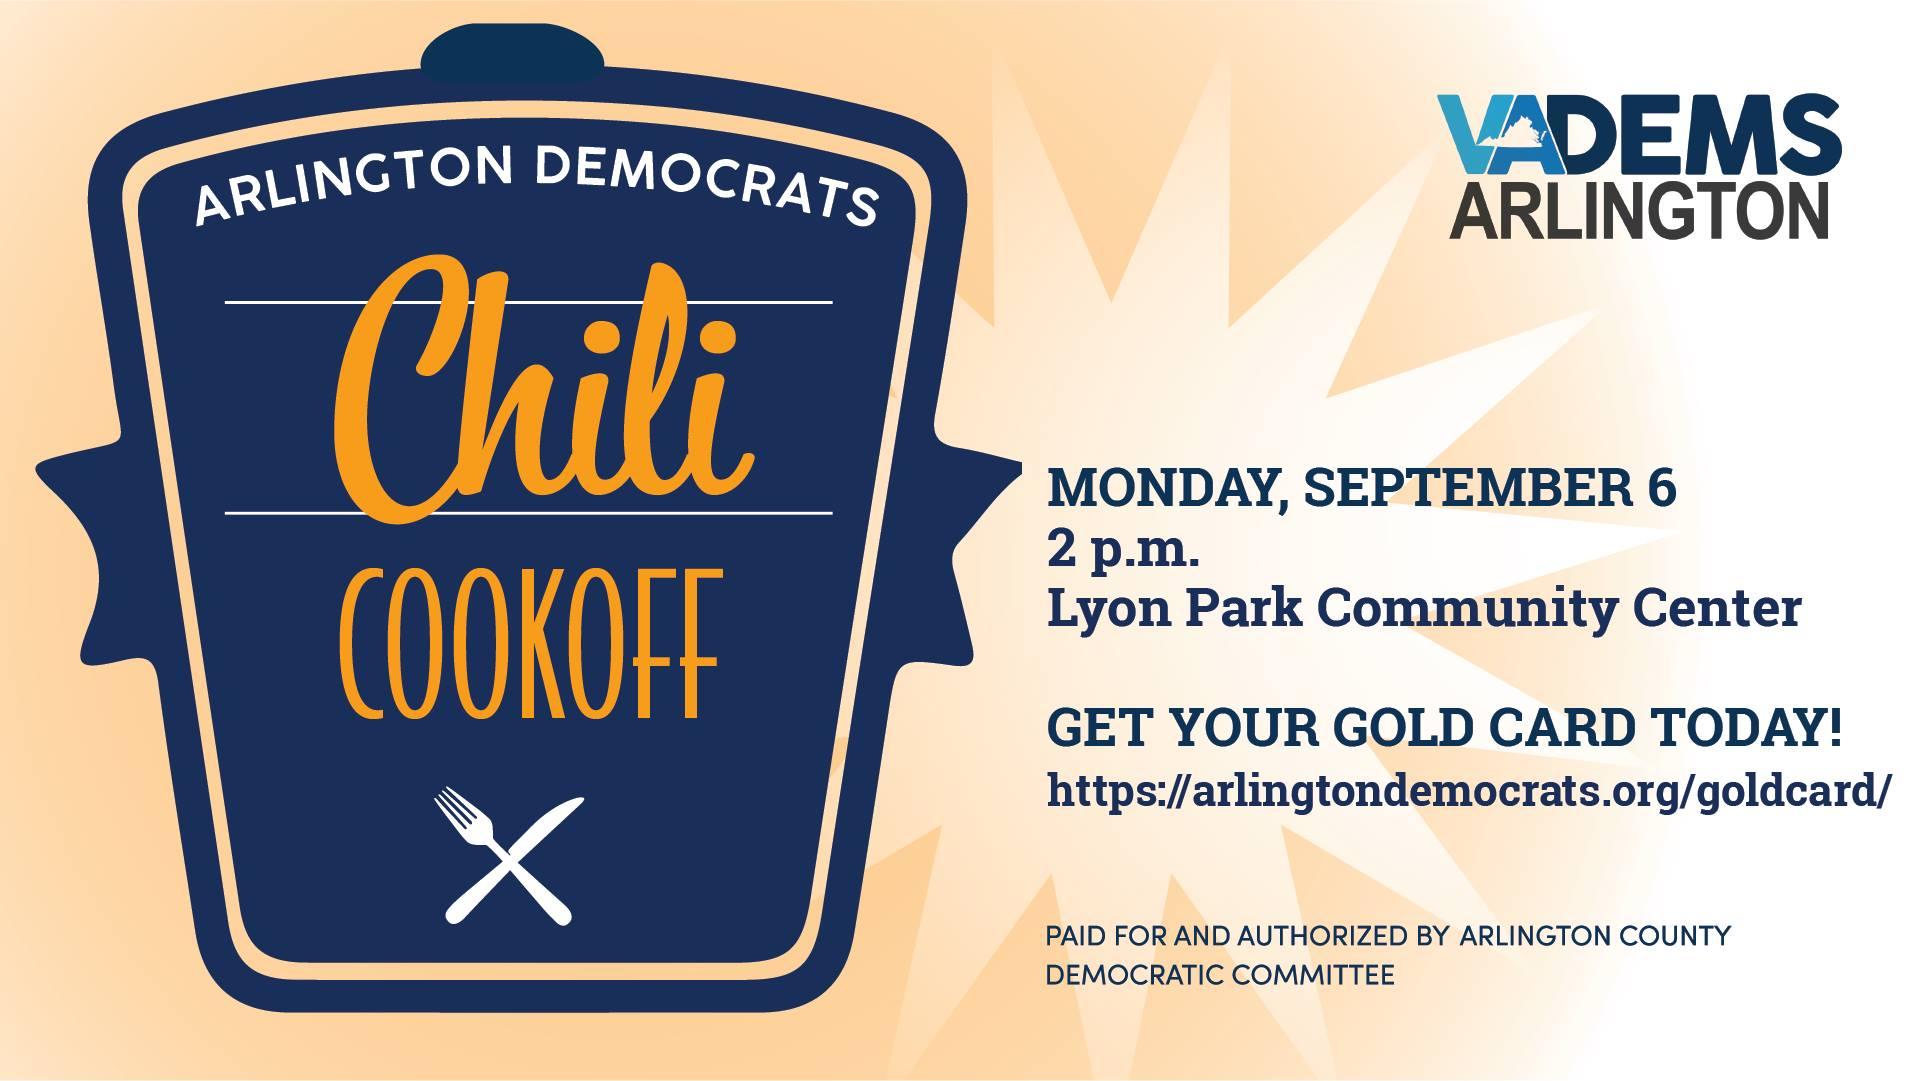 Arlington Dems Chili Cook-Off! @ Centro Comunitario de Lyon Park | Arlington | VA | Estados Unidos